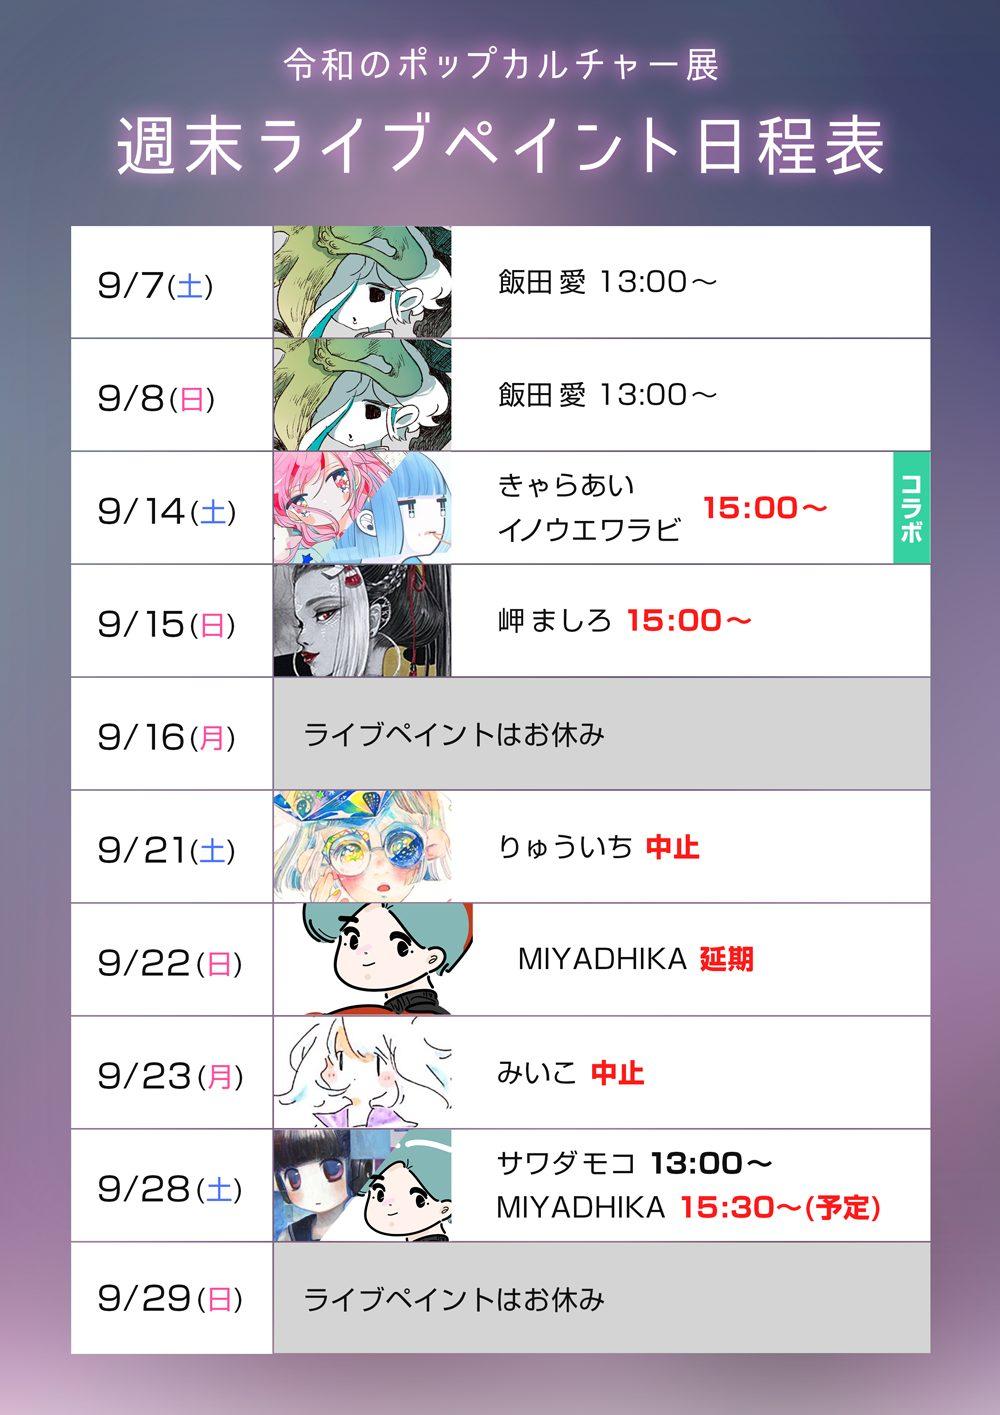 ライブペイントの日程表